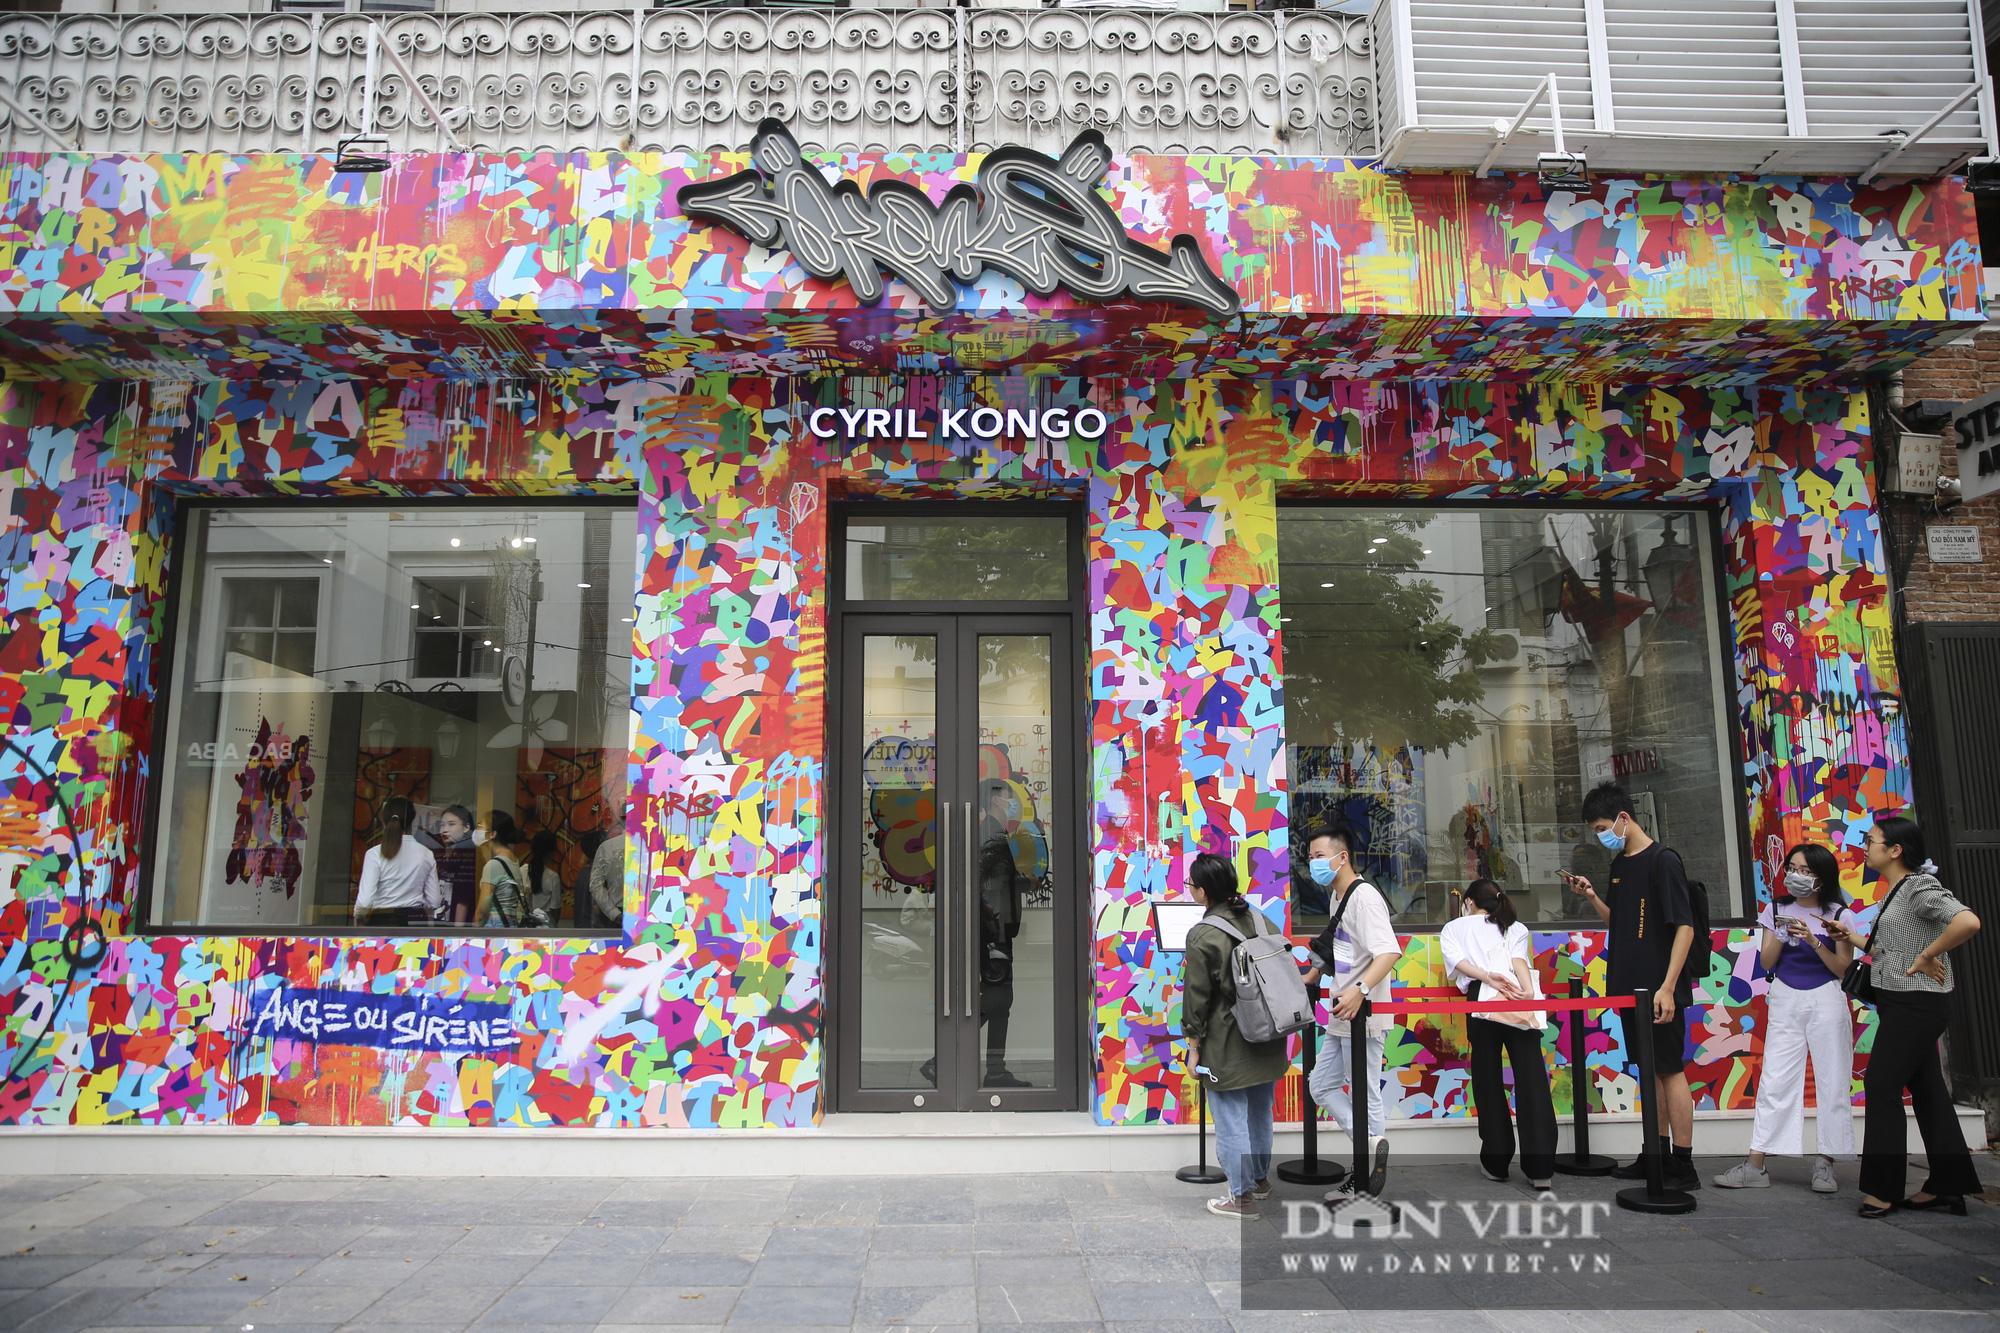 Cận cảnh phòng tranh graffiti tiền tỷ của huyền thoại Cyrial Kongo tại Hà Nội - Ảnh 2.